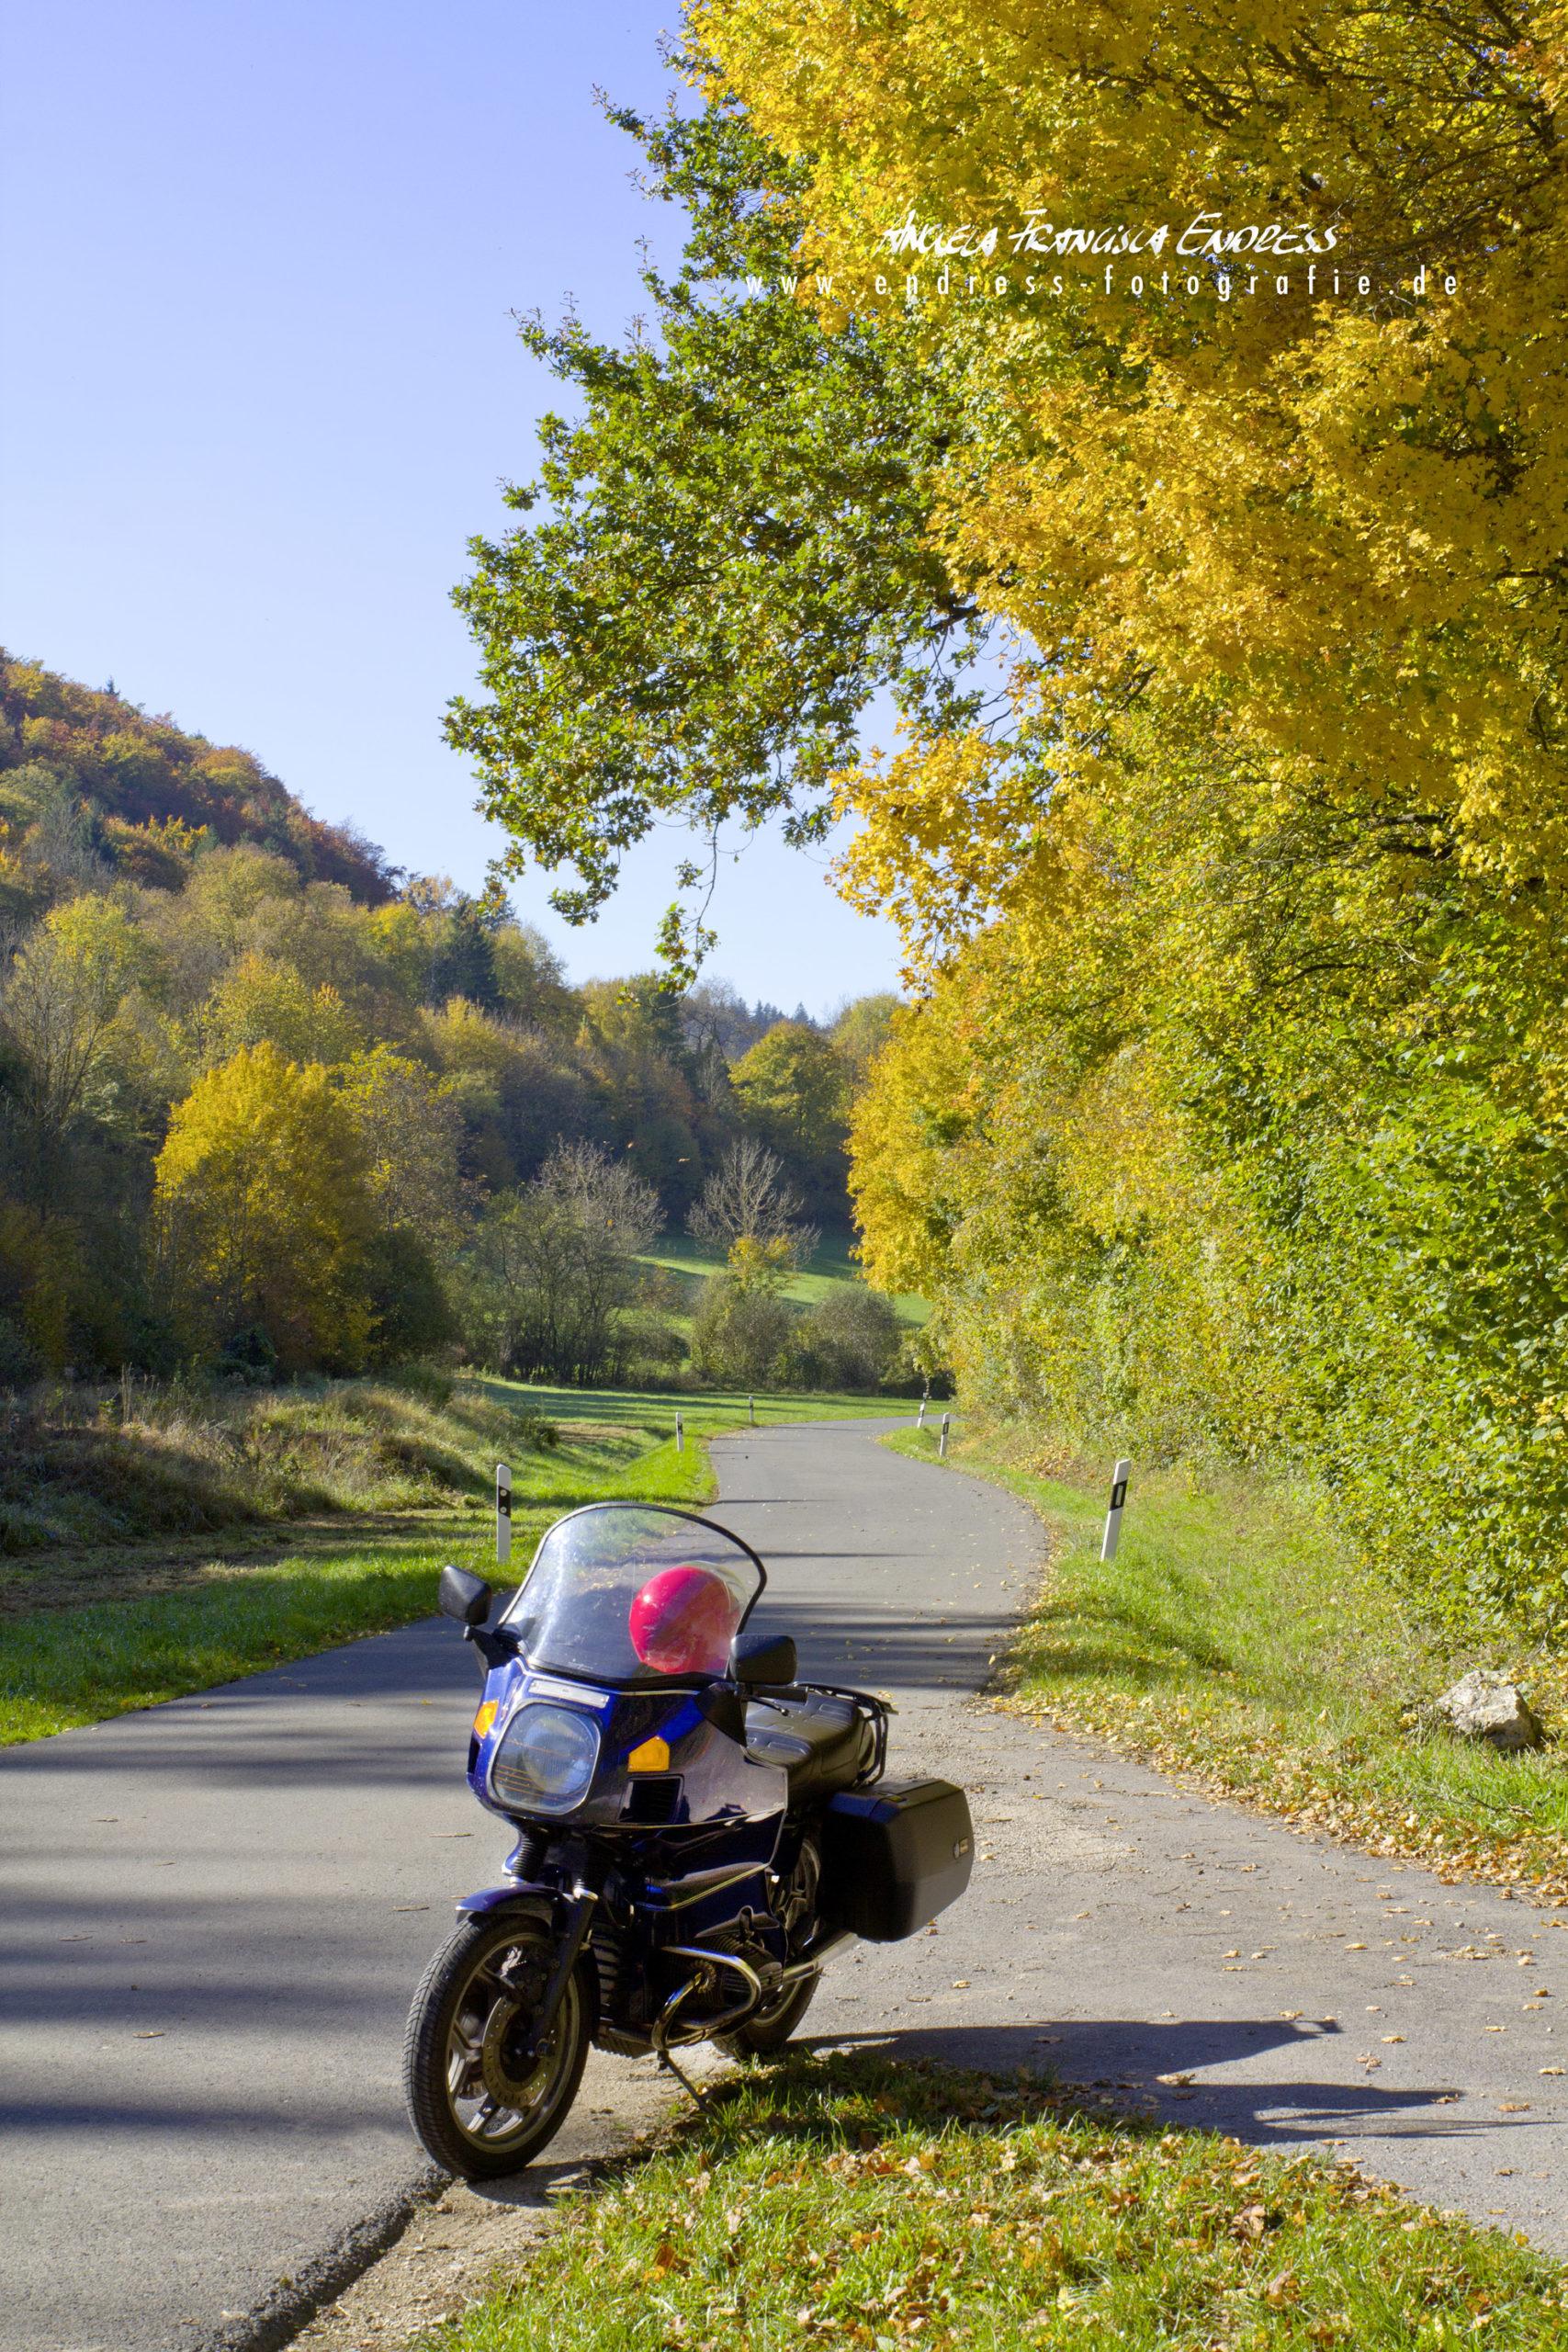 BMW 1000RT Motorrad in Herbstlandschaft